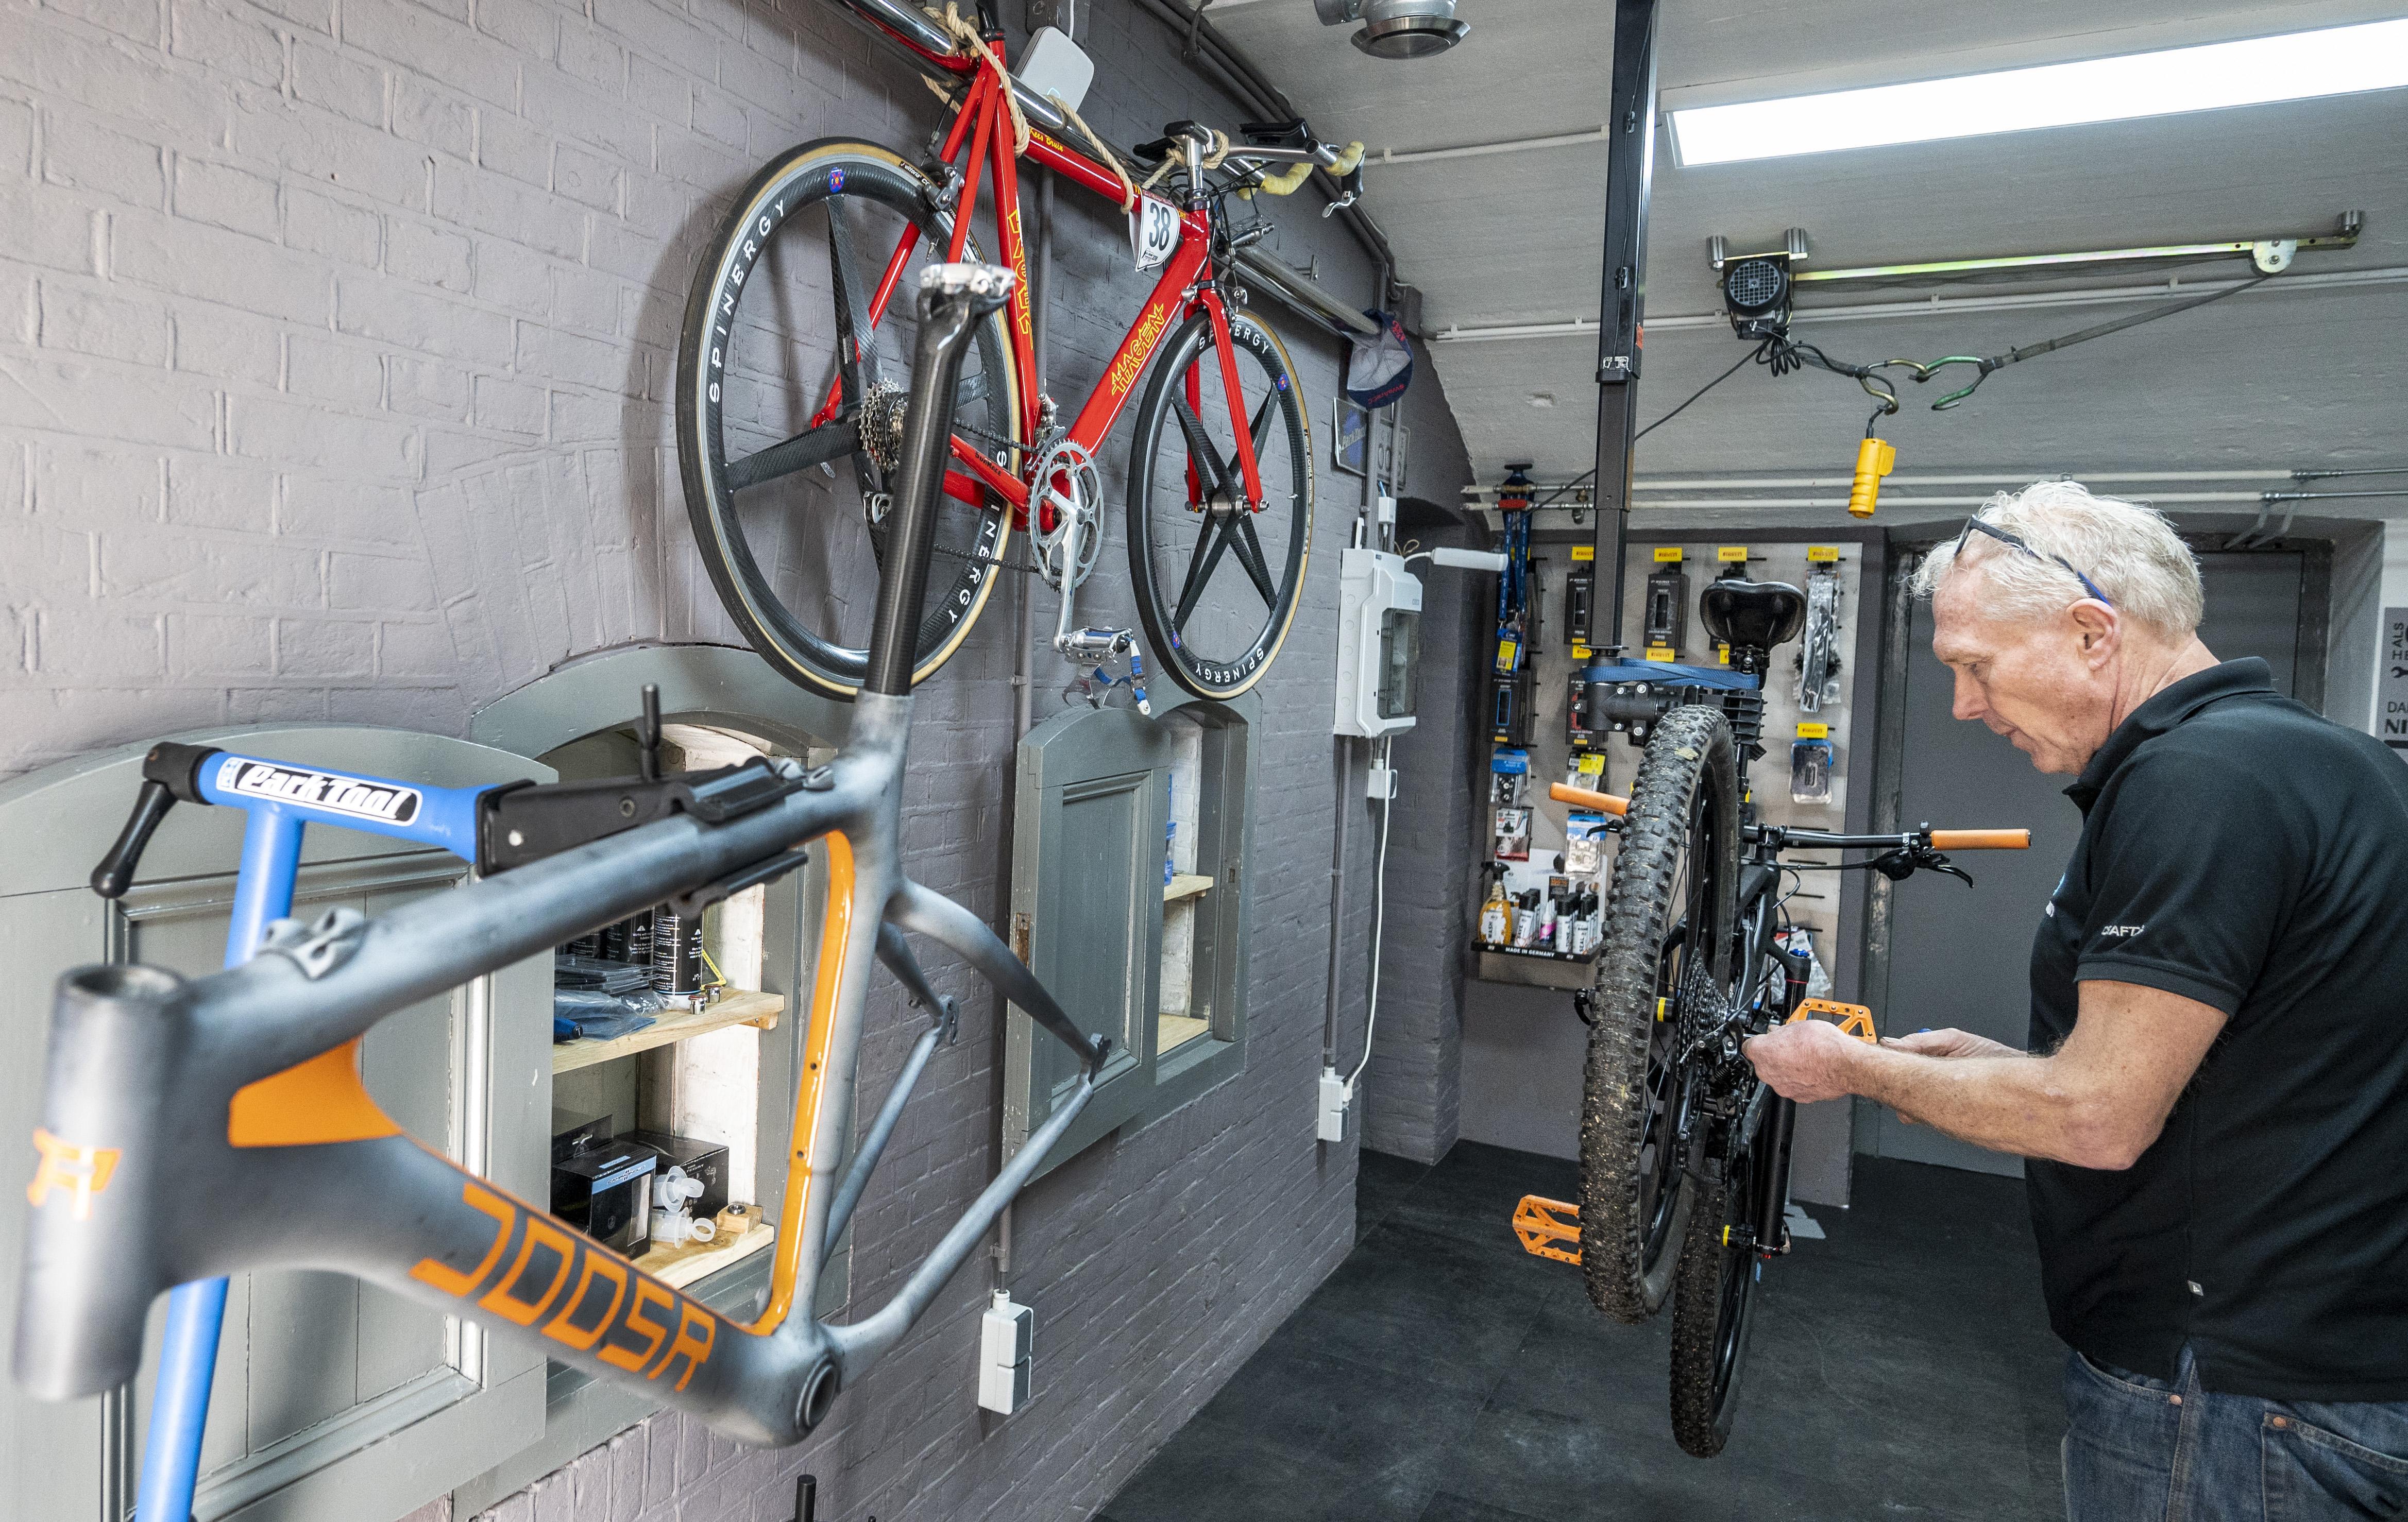 Fietsen in coronatijd is ongekend populair. 'Een dure fiets hoeft niet perse een fijne fiets te zijn'